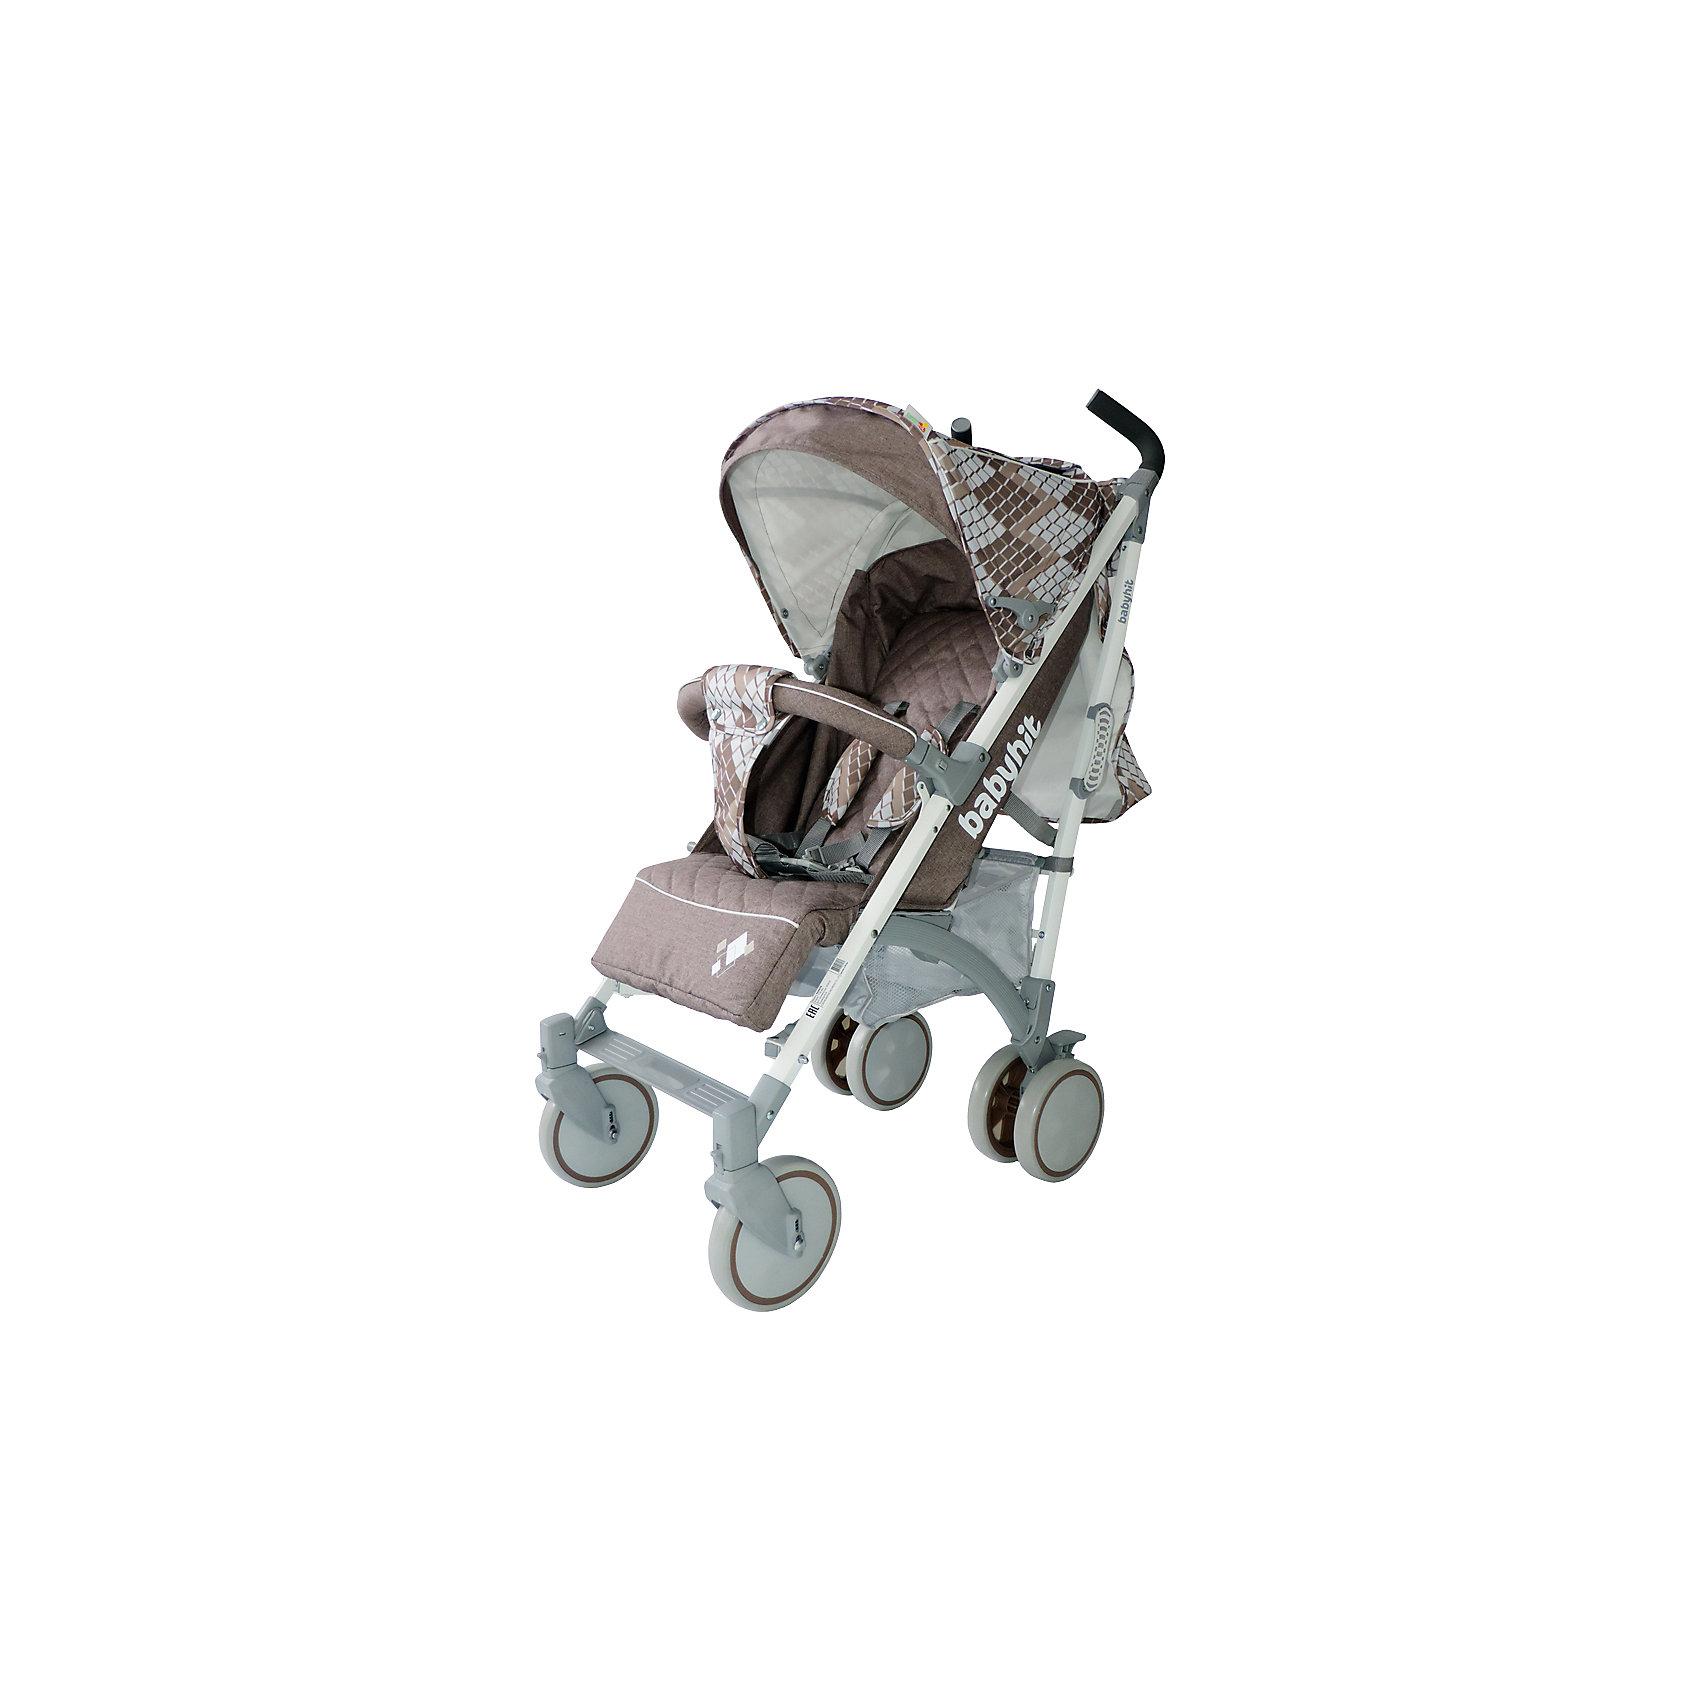 Коляска-трость Rainbow, Baby Hit, бежевыйДополнительная информация:<br><br>Спинка сиденья регулируется в 3-х положениях для комфортного отдыха ребенка.<br>5-ти точечные ремни безопасности с мягкими плечевыми накладками и паховый ремень надежно удержат малыша на прогулке.<br>Бампер предназначен для дополнительной безопасности, снимается при необходимости.<br>Подножка регулируемая.<br>Капюшон-батискаф опускается до бампера.<br>Передние поворотные колеса с возможностью фиксации в положении прямо.<br>Все колеса амортизированы.<br>В сложенном виде коляску легко переносить с помощью удобной ручки.<br>Коляска автоматически блокируется при складывании.<br>Корзинка для покупок расположена в нижней части коляски.<br>Размеры коляски в разложенном виде: 85/43/108 см.<br>Ширина сиденья: 35 см.<br>Высота спинки: 47 см.<br>Глубина сиденья: 25 см.<br>Длина подножки: 13 см.<br>Размер спального места при поднятой подножке - 85 х 35 см.  <br>Диаметр колес: 18 см.<br>Вес коляски - 7,4 кг.<br>В комплекте:<br>Чехол для ножек. <br>Дождевик.<br>Москитная сетка.<br>Корзинка для покупок.<br><br>Коляску-трость Rainbow, Baby Hit, бежевую можно купить в нашем магазине.<br><br>Ширина мм: 260<br>Глубина мм: 250<br>Высота мм: 900<br>Вес г: 8700<br>Возраст от месяцев: 6<br>Возраст до месяцев: 36<br>Пол: Унисекс<br>Возраст: Детский<br>SKU: 4726619